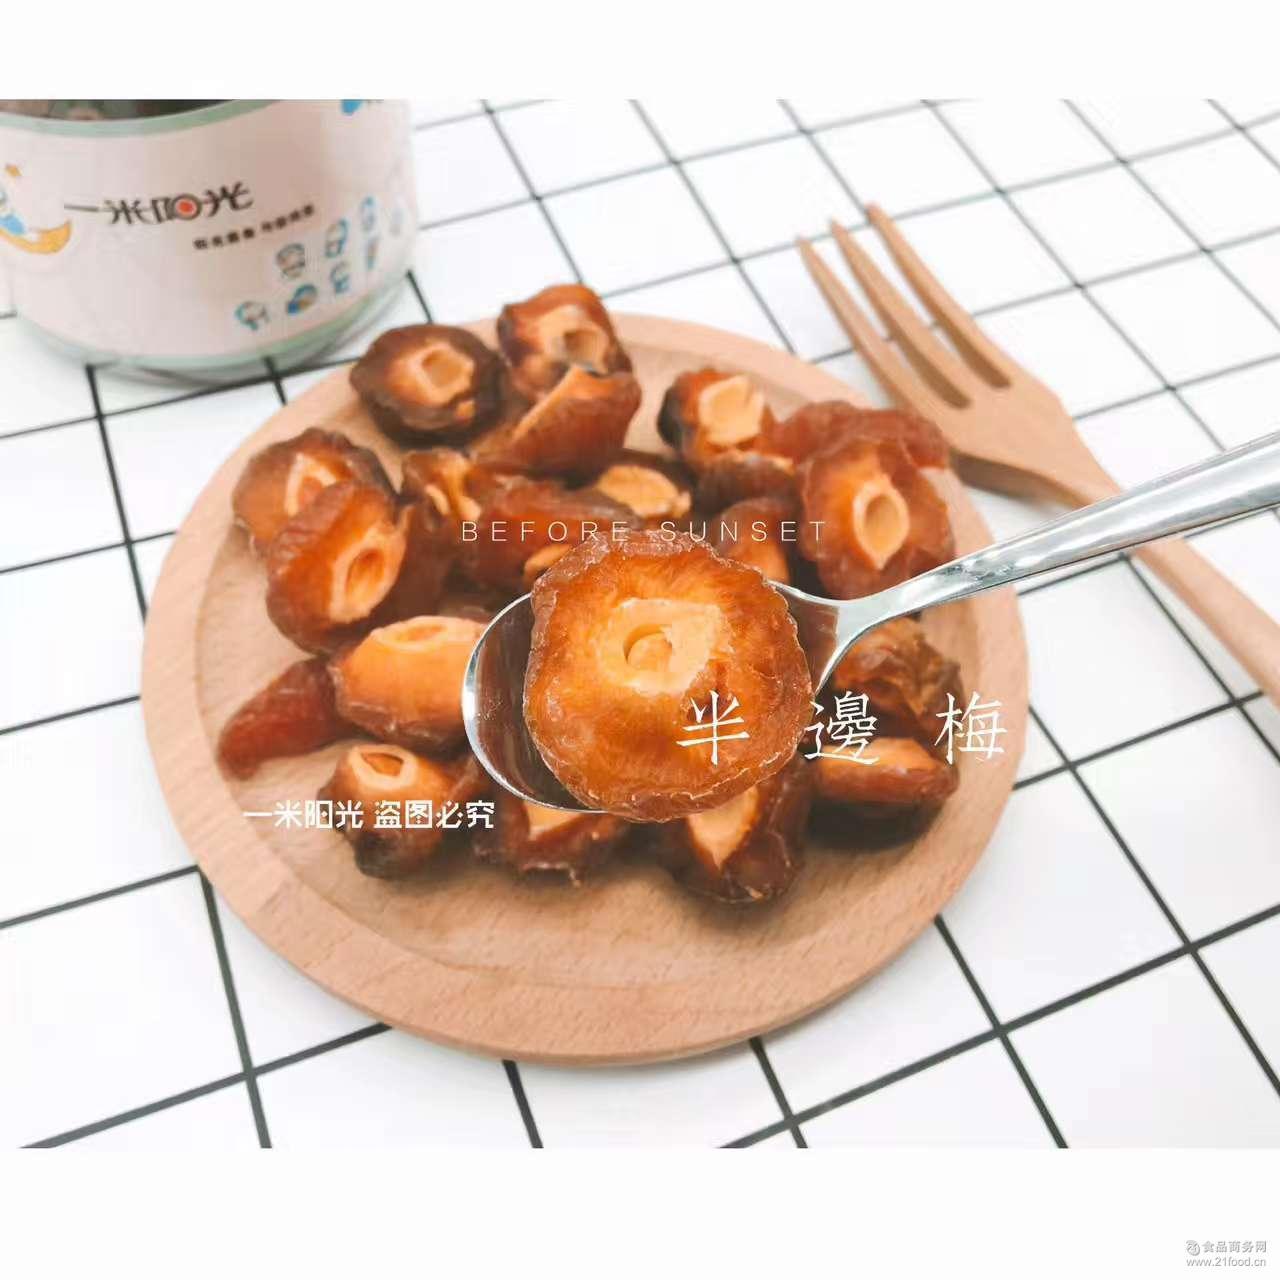 果脯蜜饯食品批发 杨梅干一件代发 批发爆款 杨梅果干 休闲零食